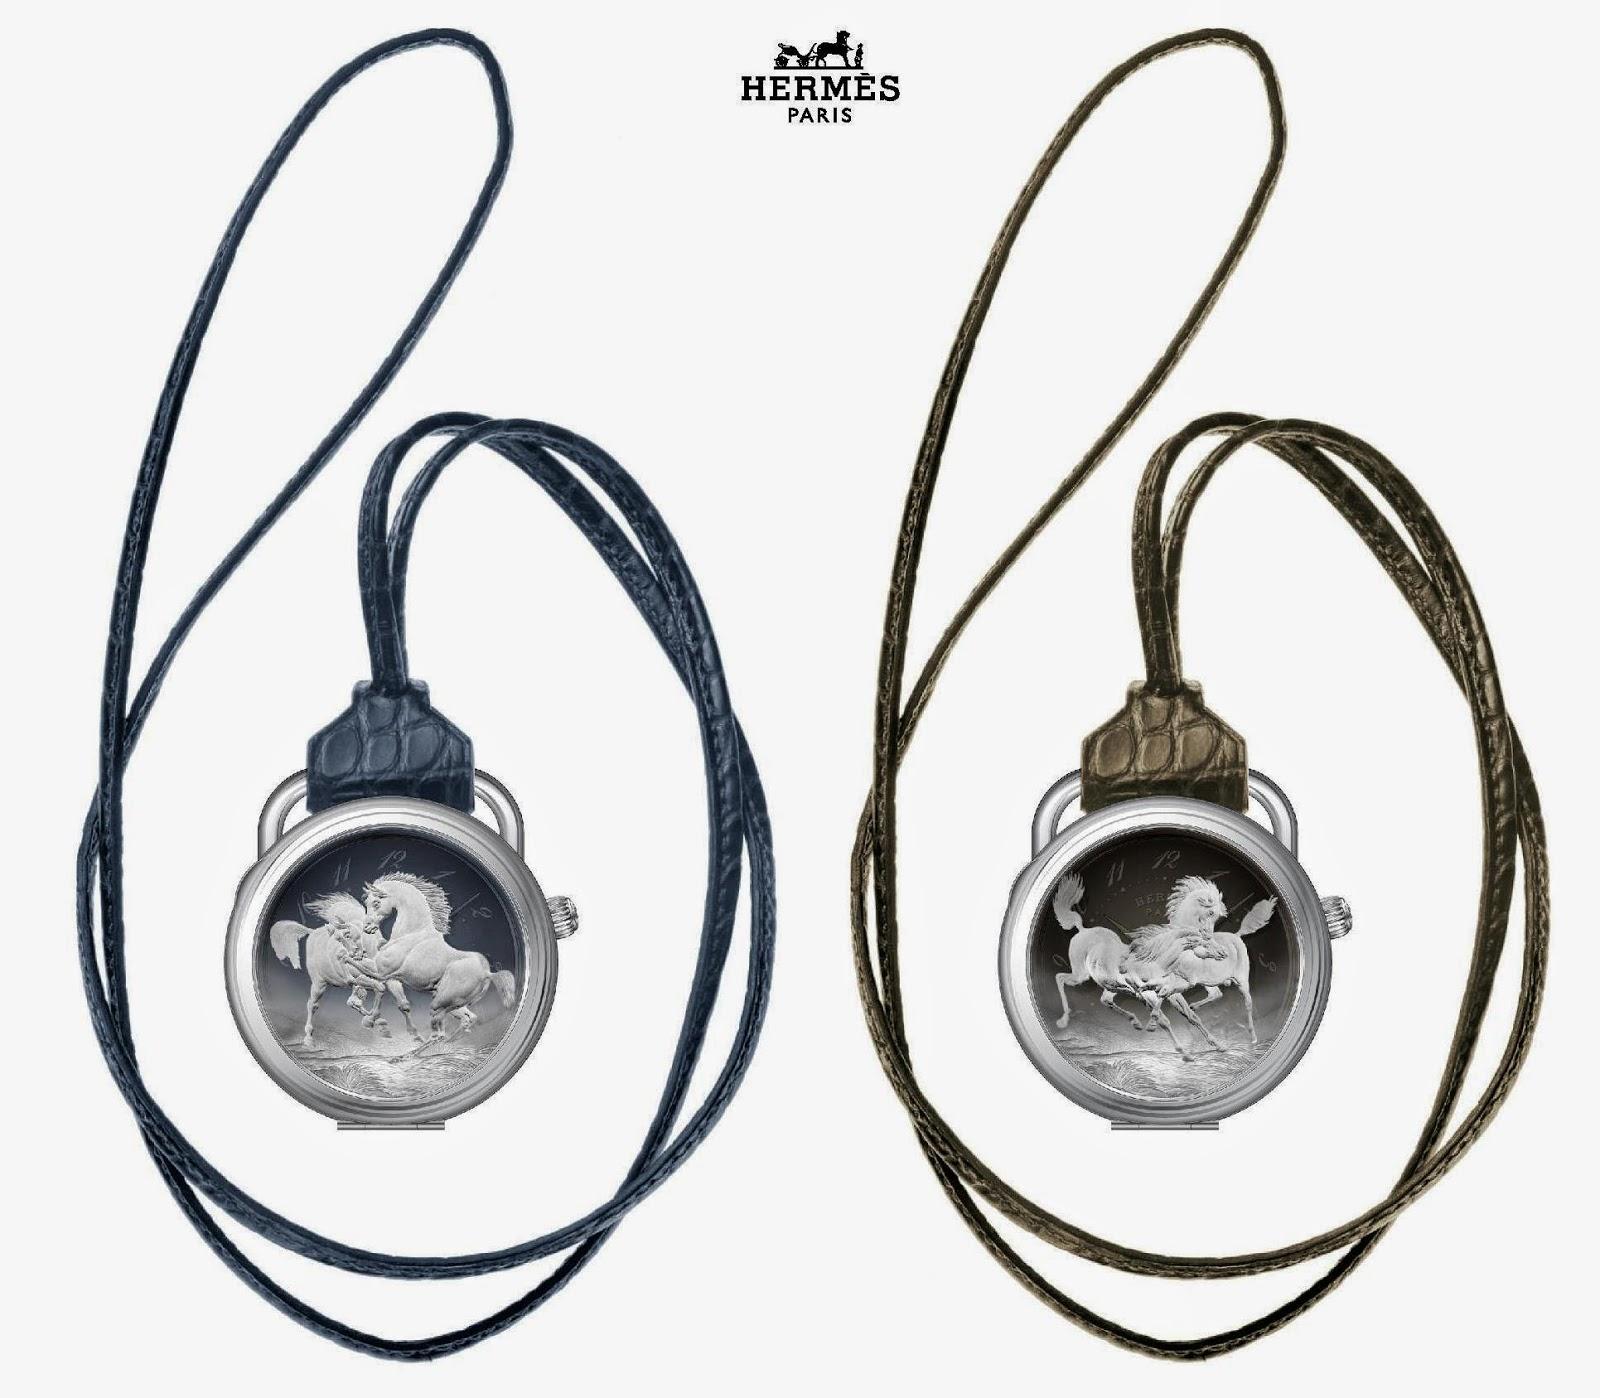 Hermès Arceau Pocket Chevaux sauvages watch